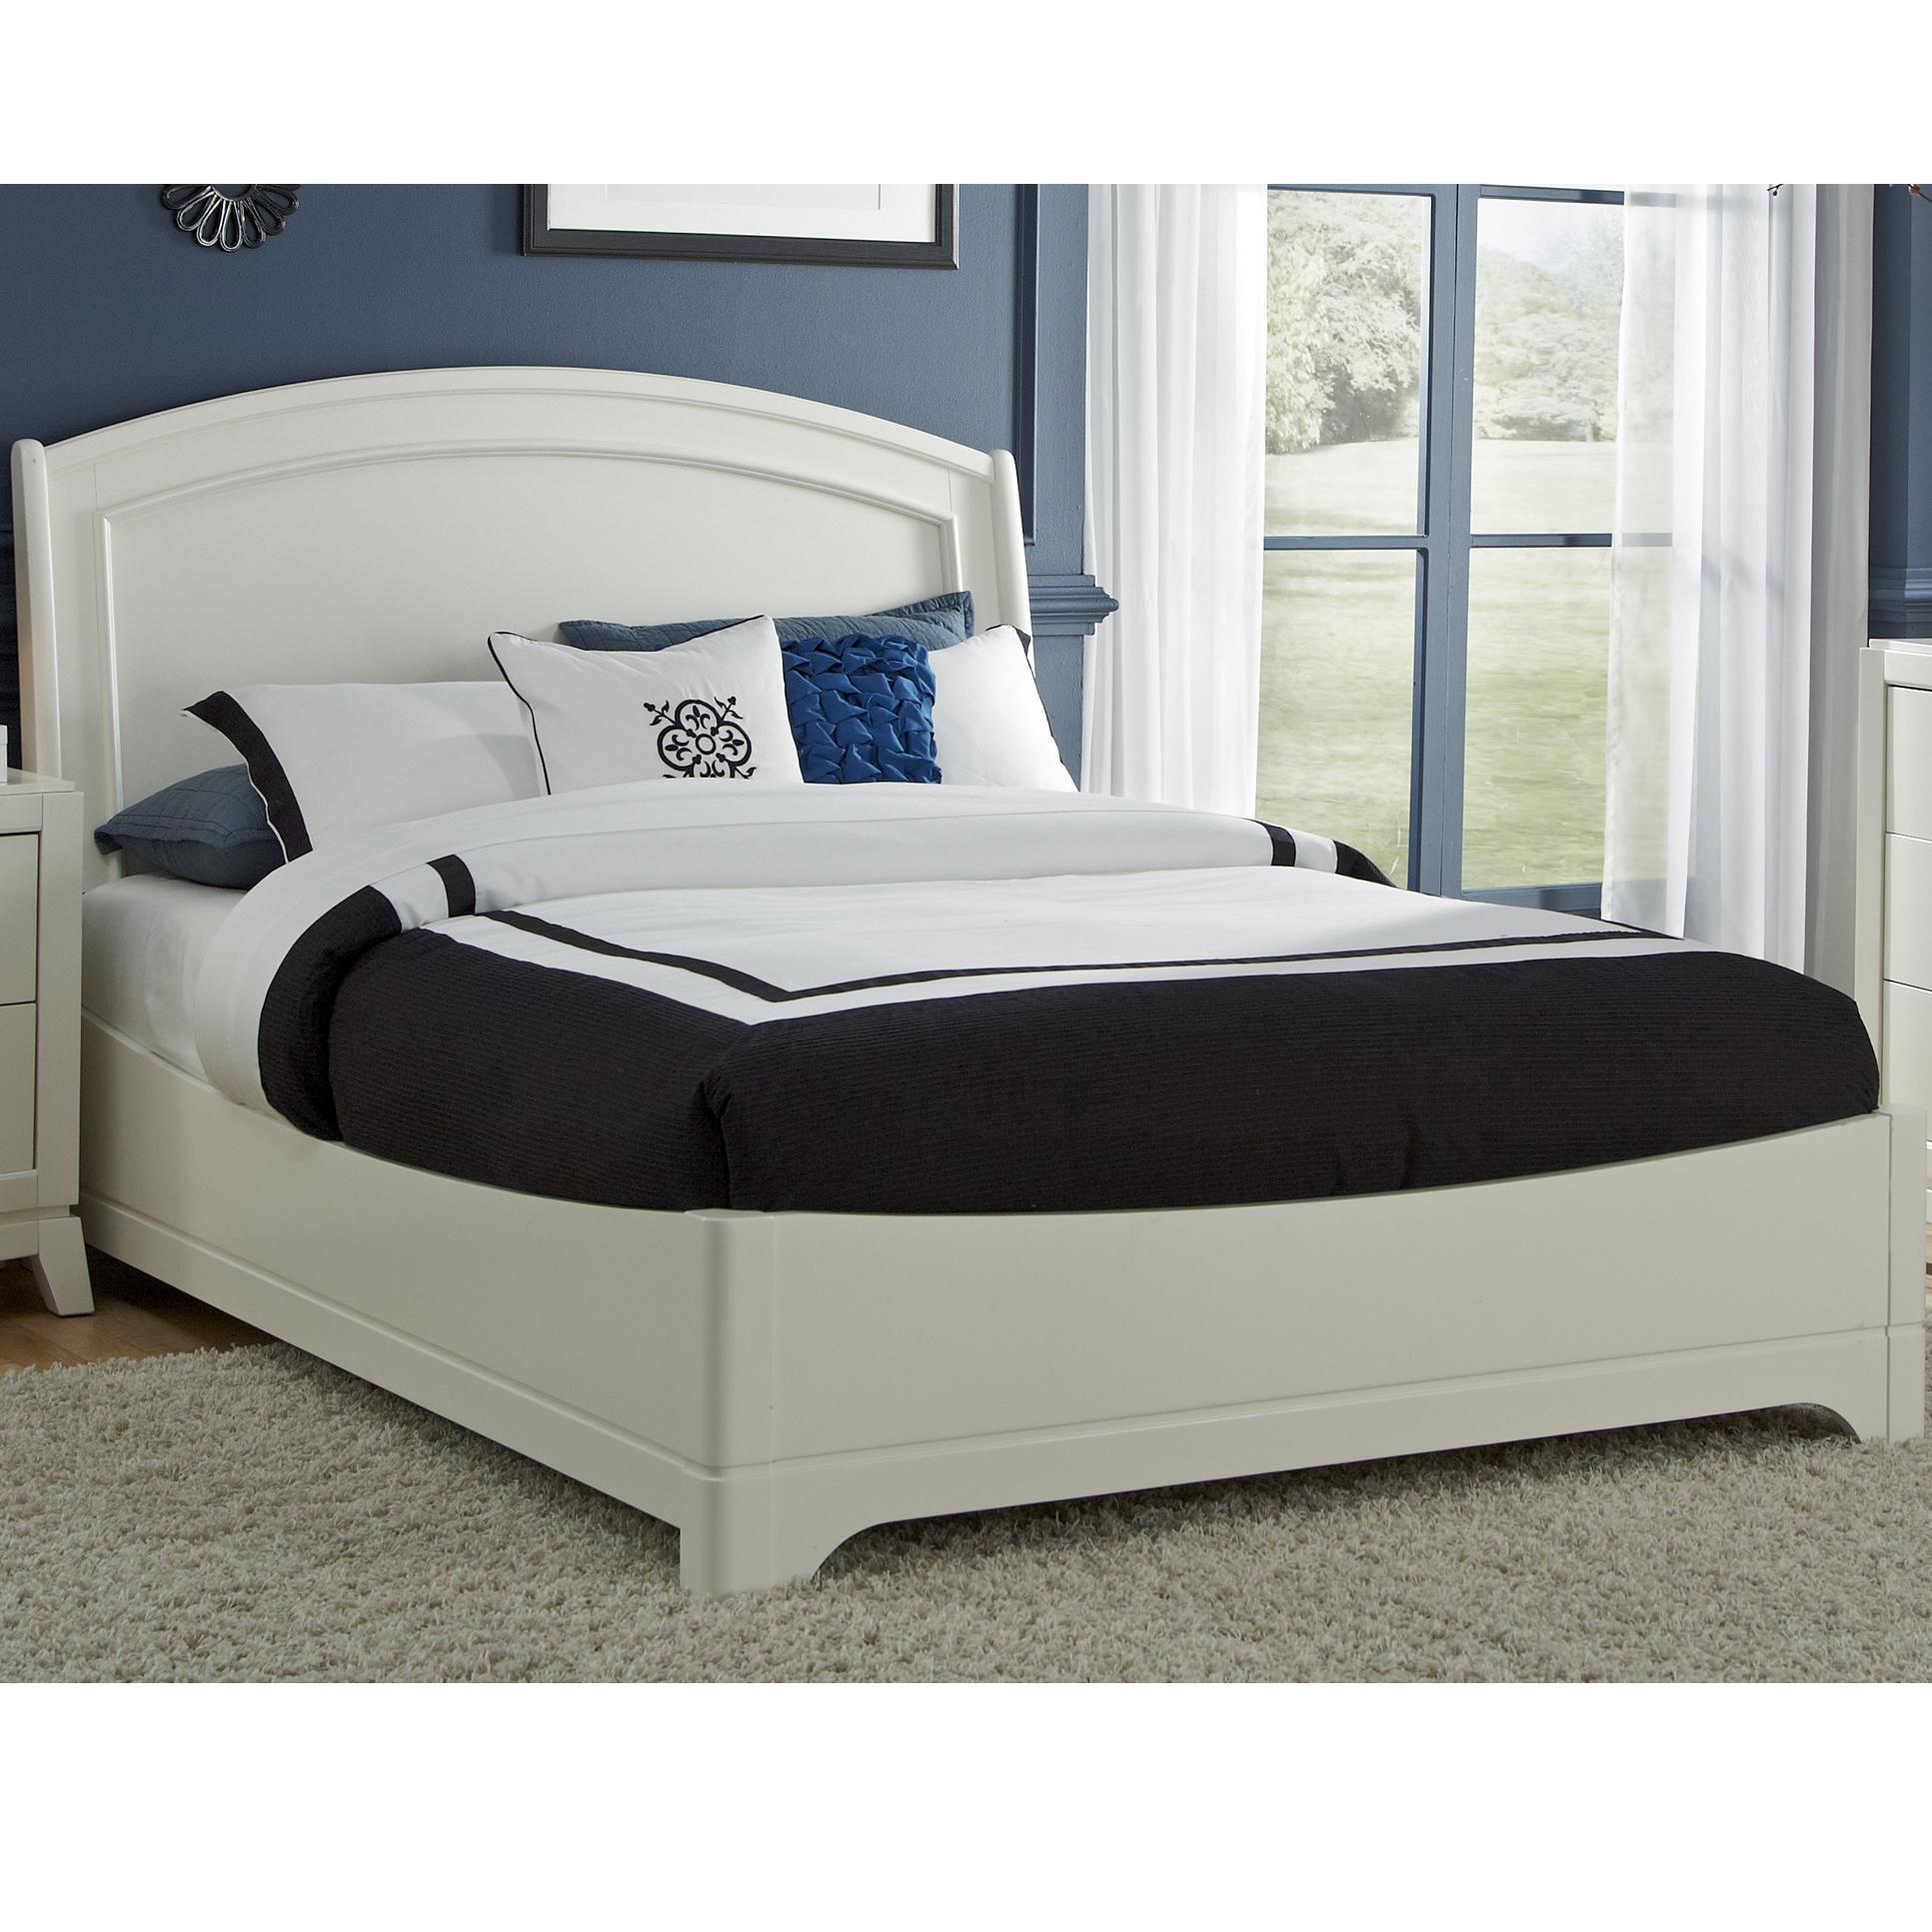 Liberty Furniture Avalon II King Platform Bed - Item Number: 205-BR-KPL